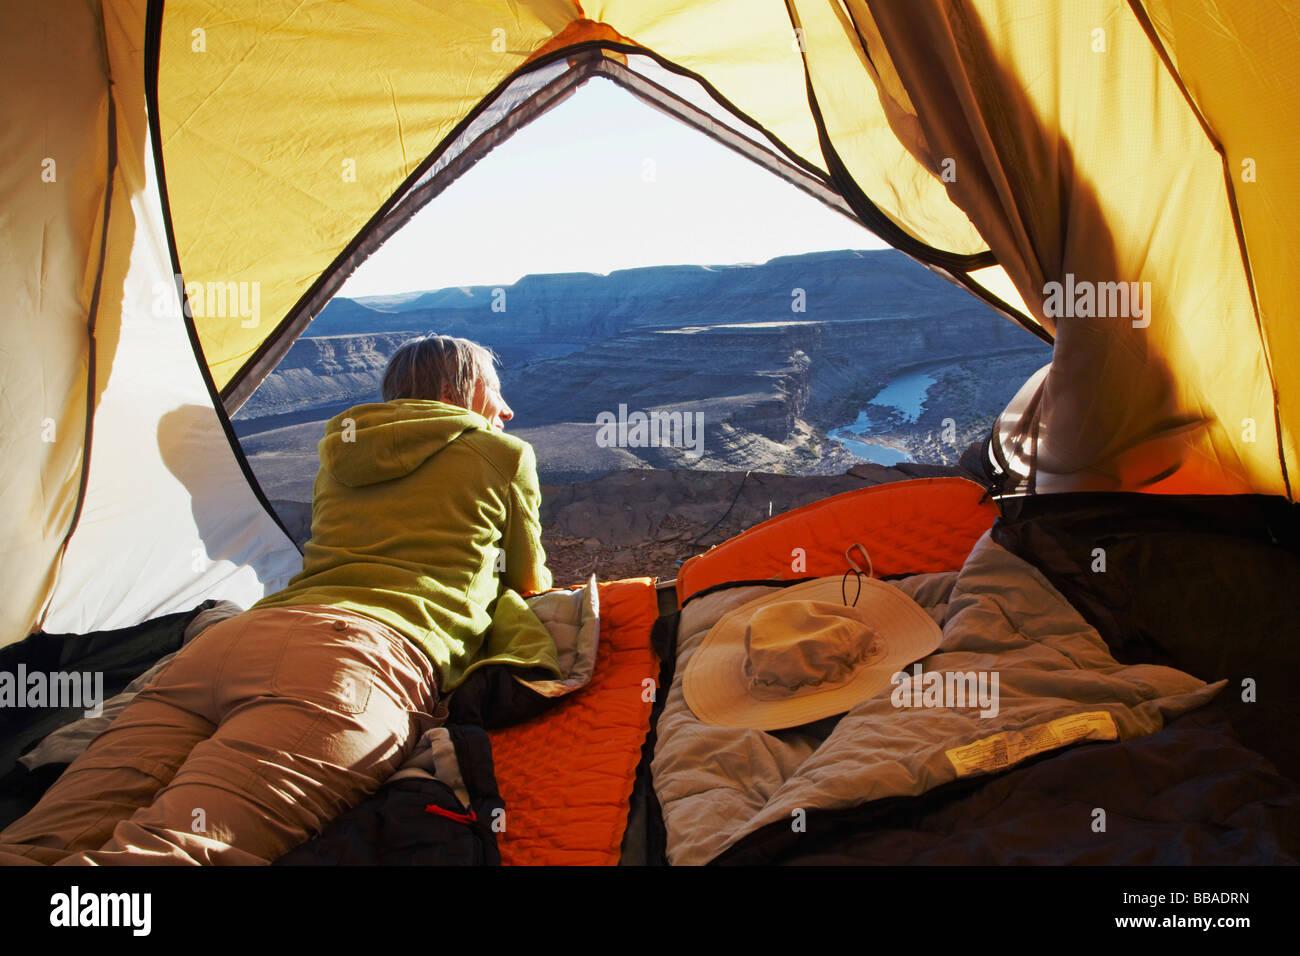 Une femme couchée dans une tente, Horse Shoe Bend, Fish River Canyon, Namibie Banque D'Images